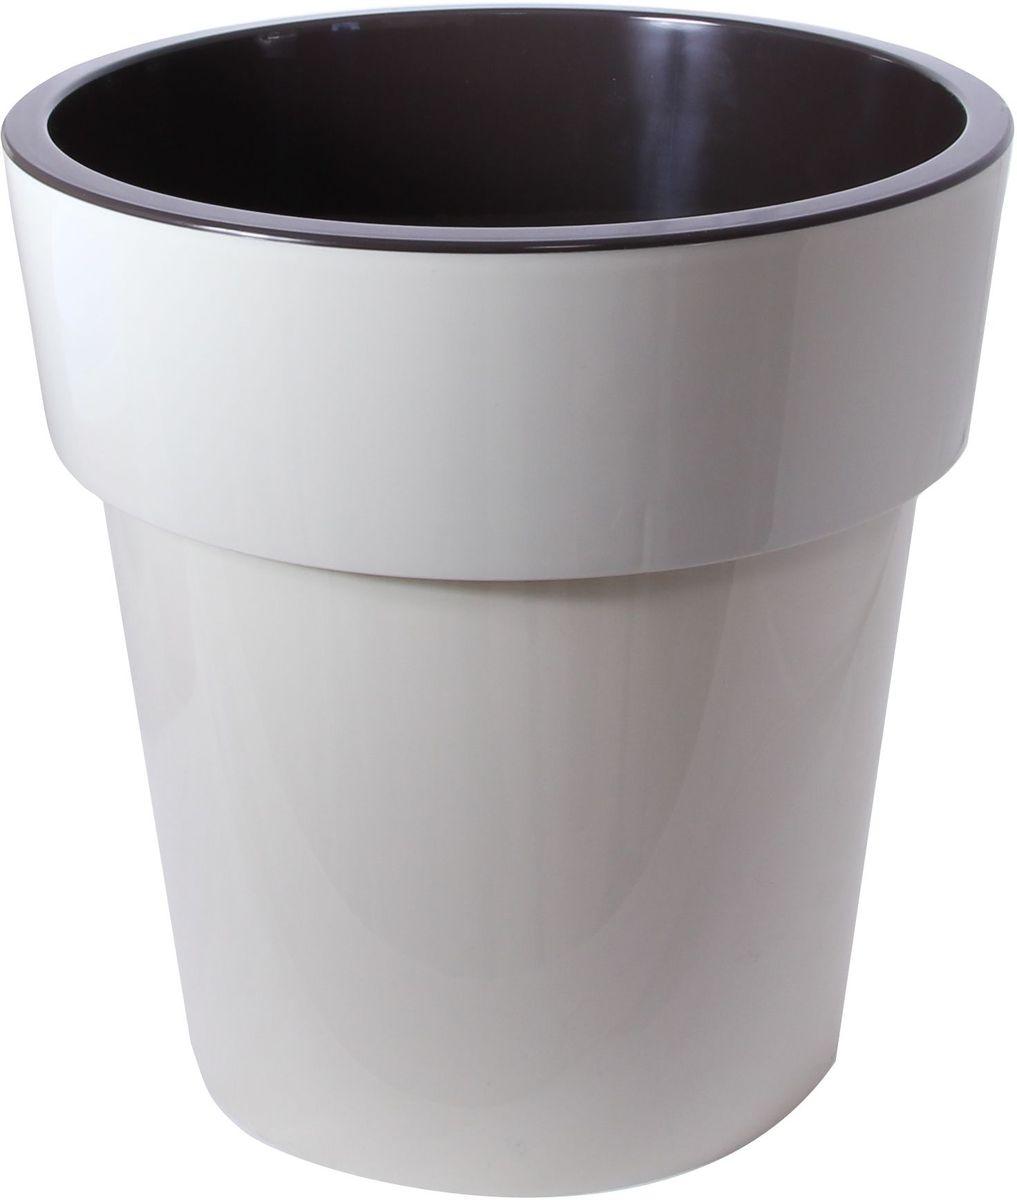 Кашпо Idea Тубус, цвет: белый, диаметр 15 смМ 3149Кашпо Idea Тубус изготовлено из прочного пластика. Изделие прекрасно подходит для выращивания растений и цветов в домашних условиях. Стильный современный дизайн органично впишется в интерьер помещения.Диаметр кашпо: 15 см. Высота кашпо: 15 см.